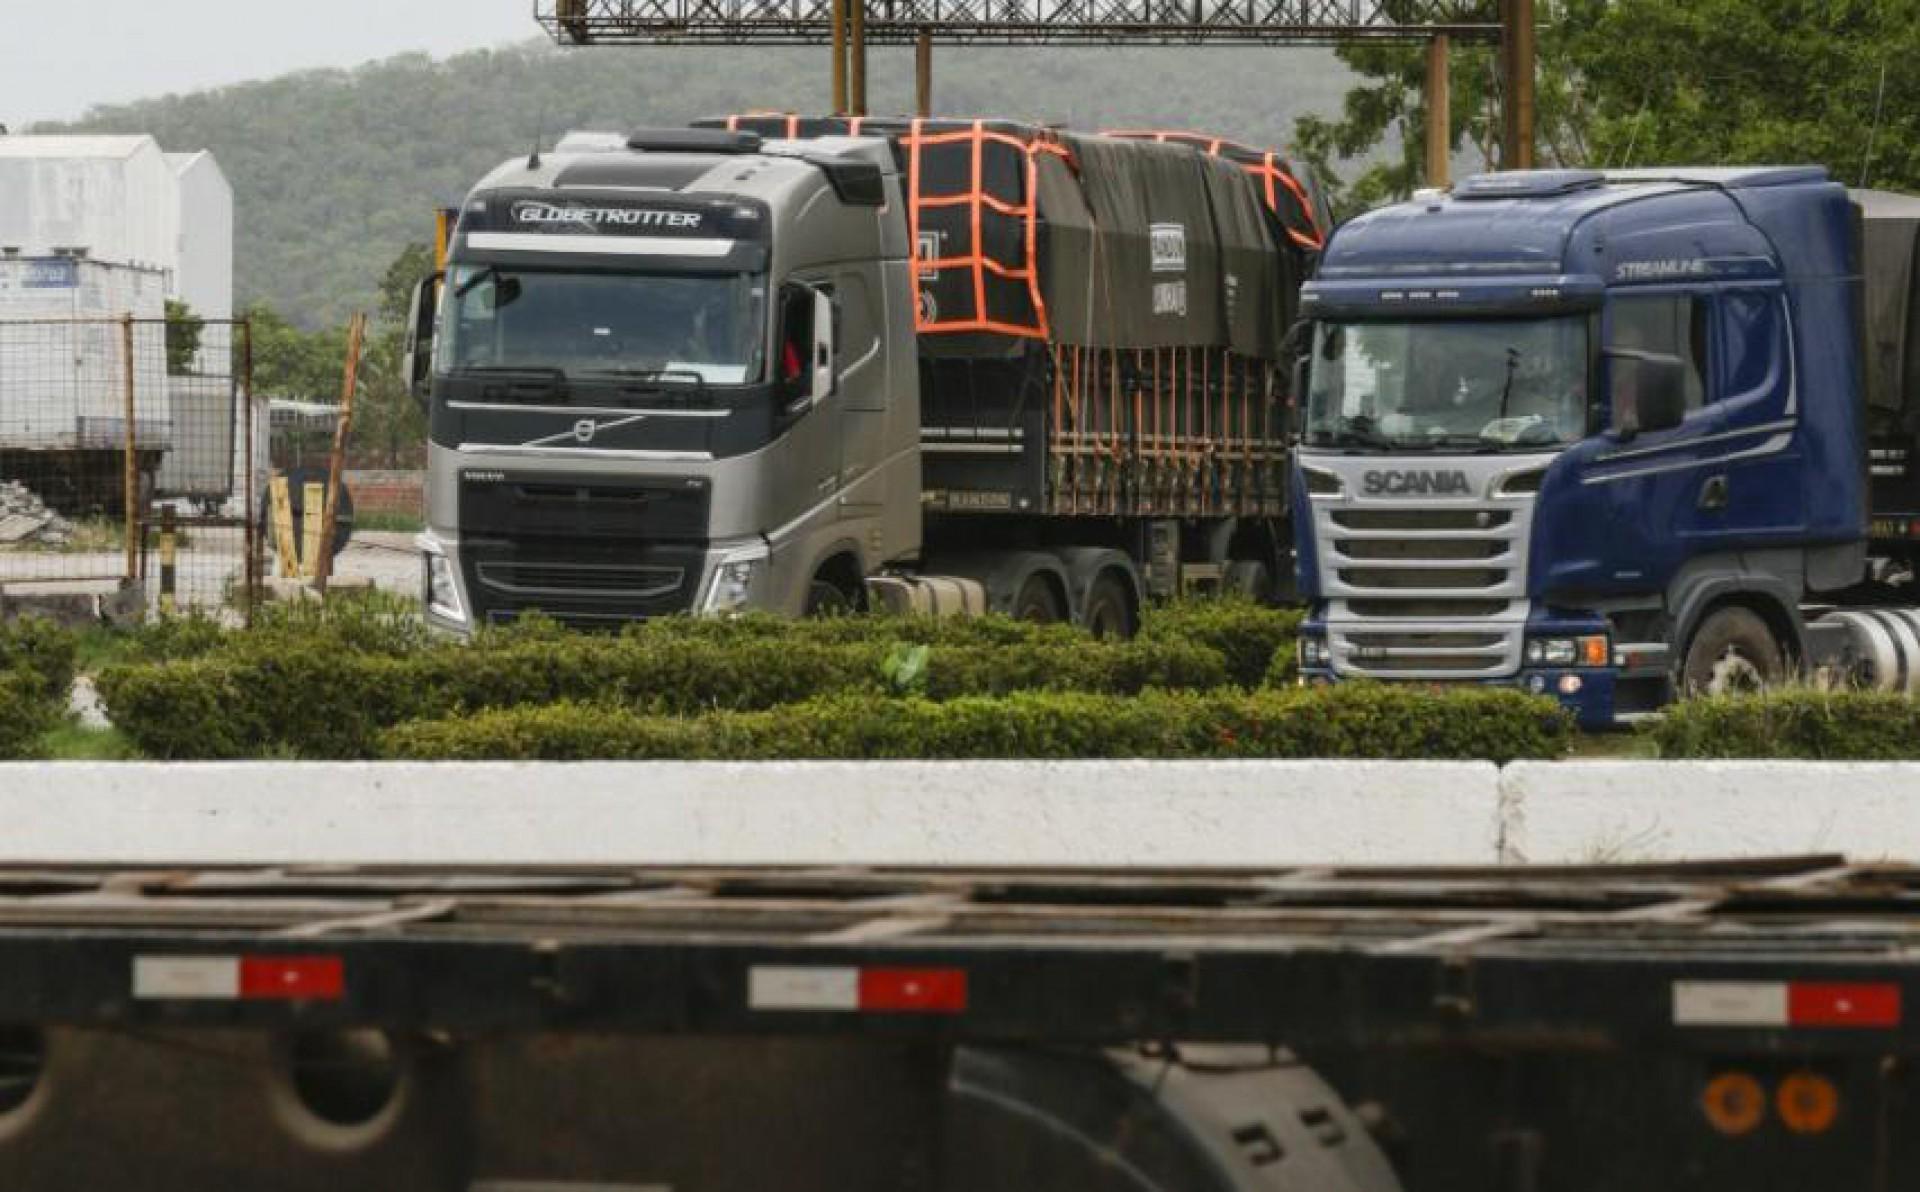 Caminhoneiros convencem Bolsonaro (quem diria...) a reduzir teor de biodiesel